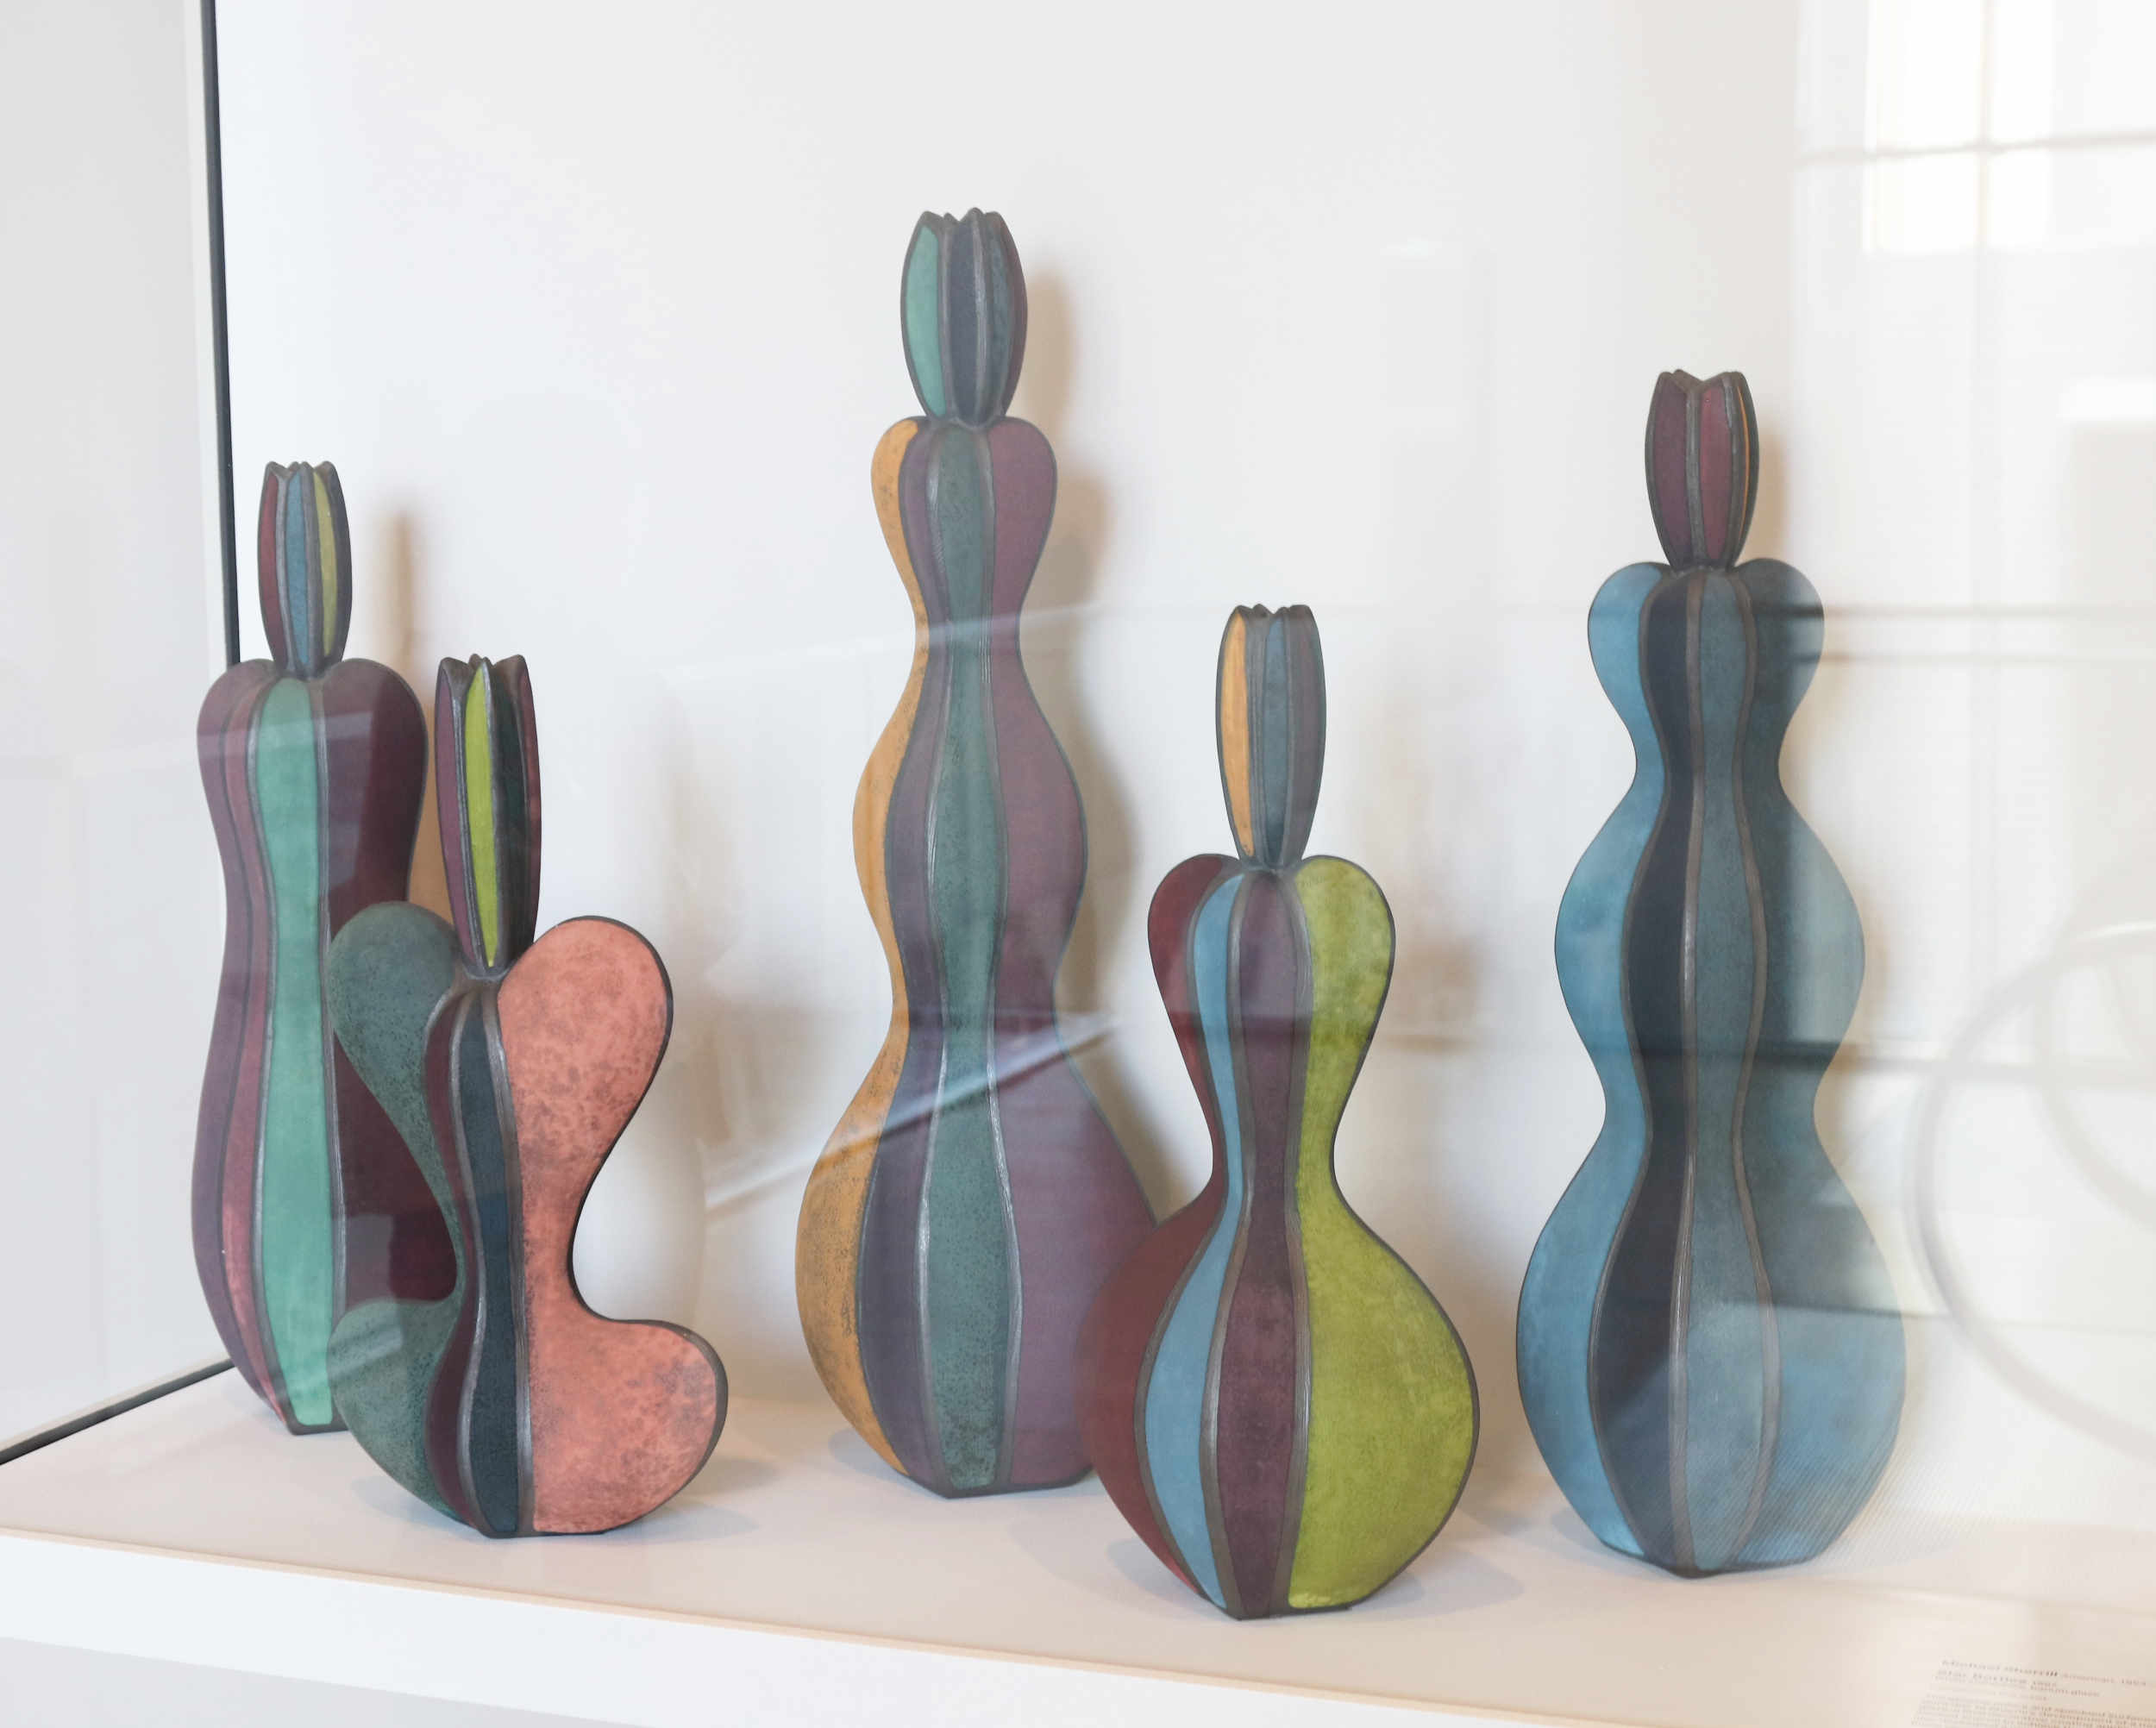 Michael Sherrill, Star Bottles, 1998. White stoneware, barium glaze.